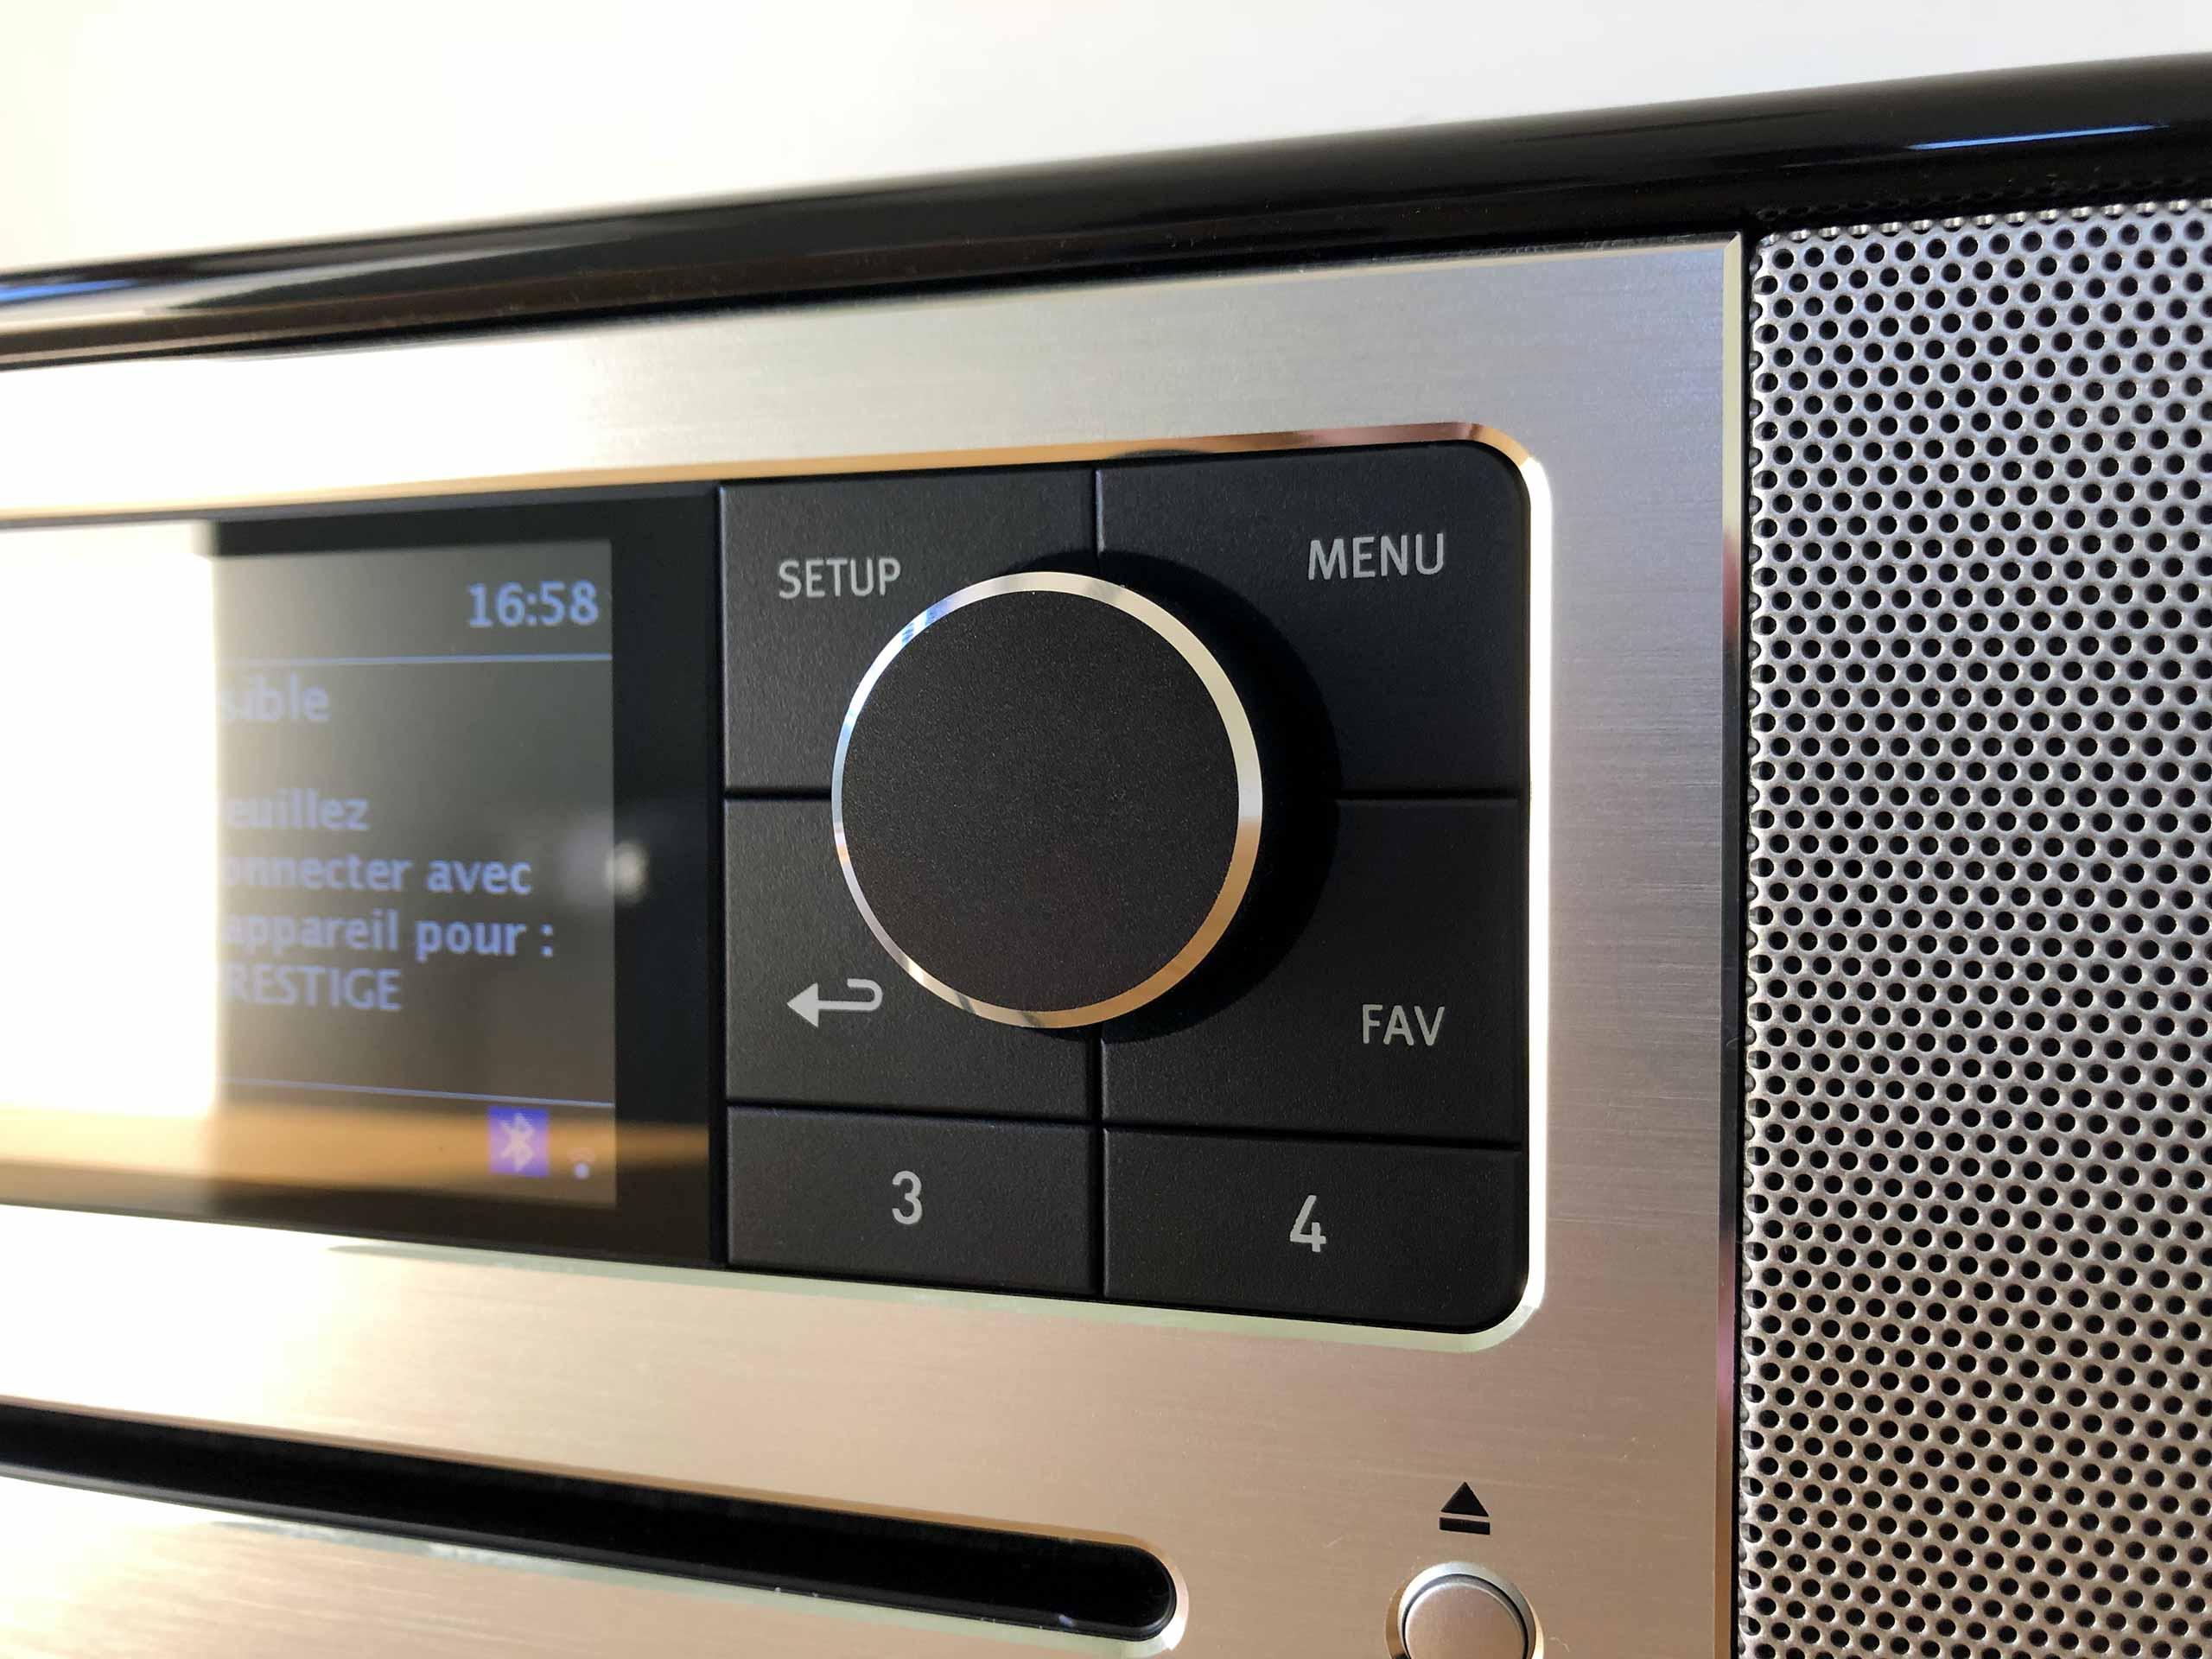 Panneau de contrôle avec les boutons de commande et l'écran couleur 6 cm de la mini-chaine HiFi connectée Sonoro PRESTIGE